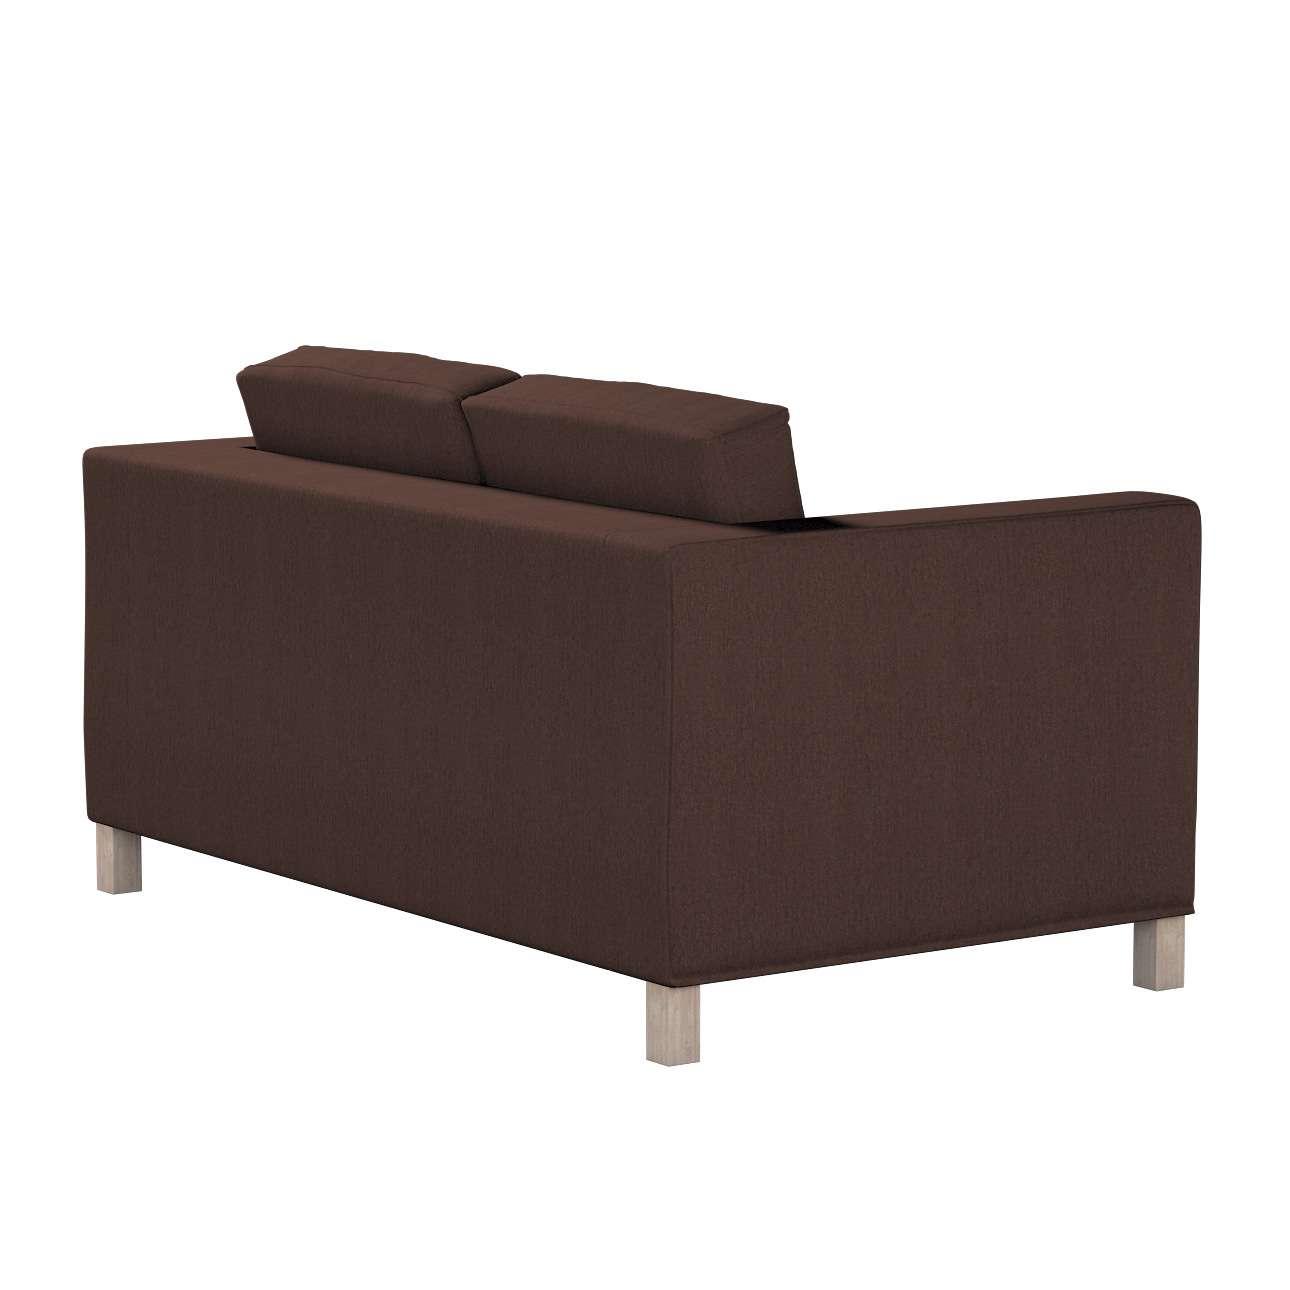 Pokrowiec na sofę Karlanda 2-osobową nierozkładaną, krótki w kolekcji Chenille, tkanina: 702-18